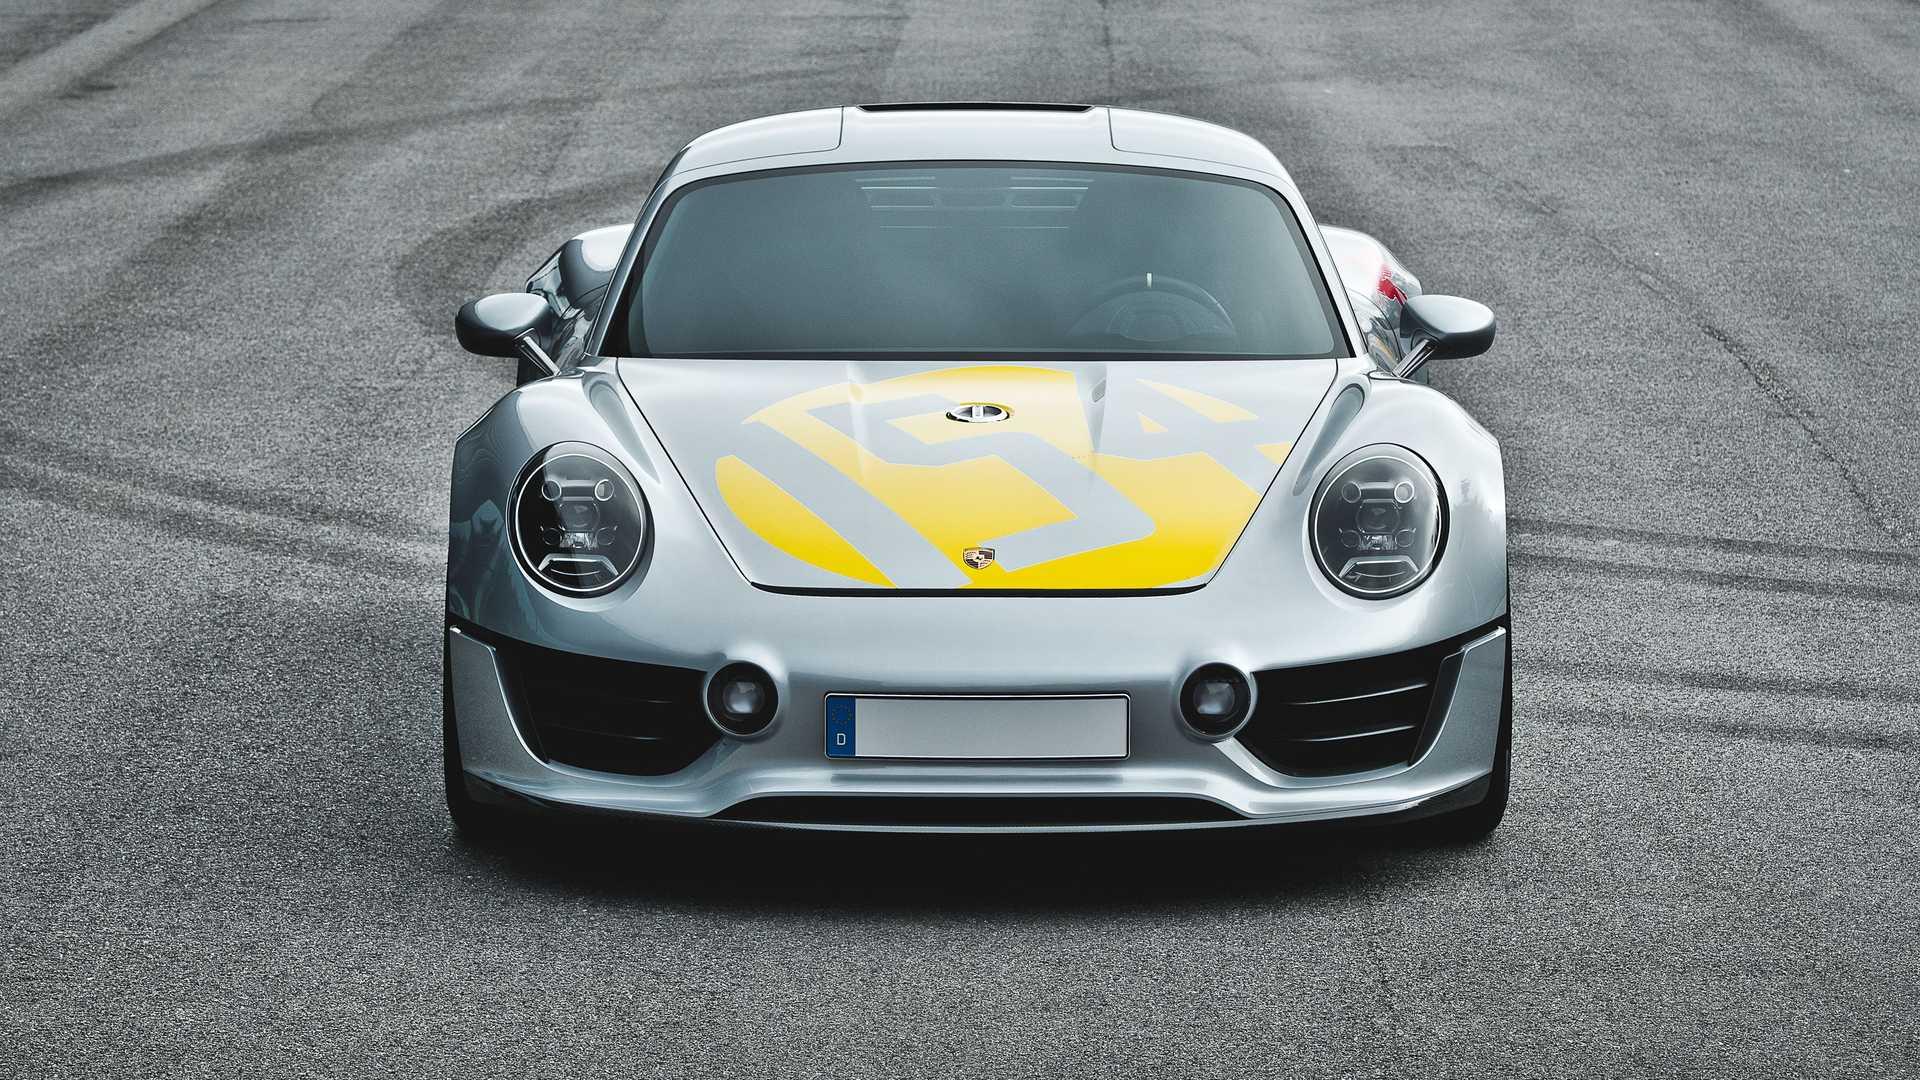 Porsche-Le-Mans-Living-Legend-2